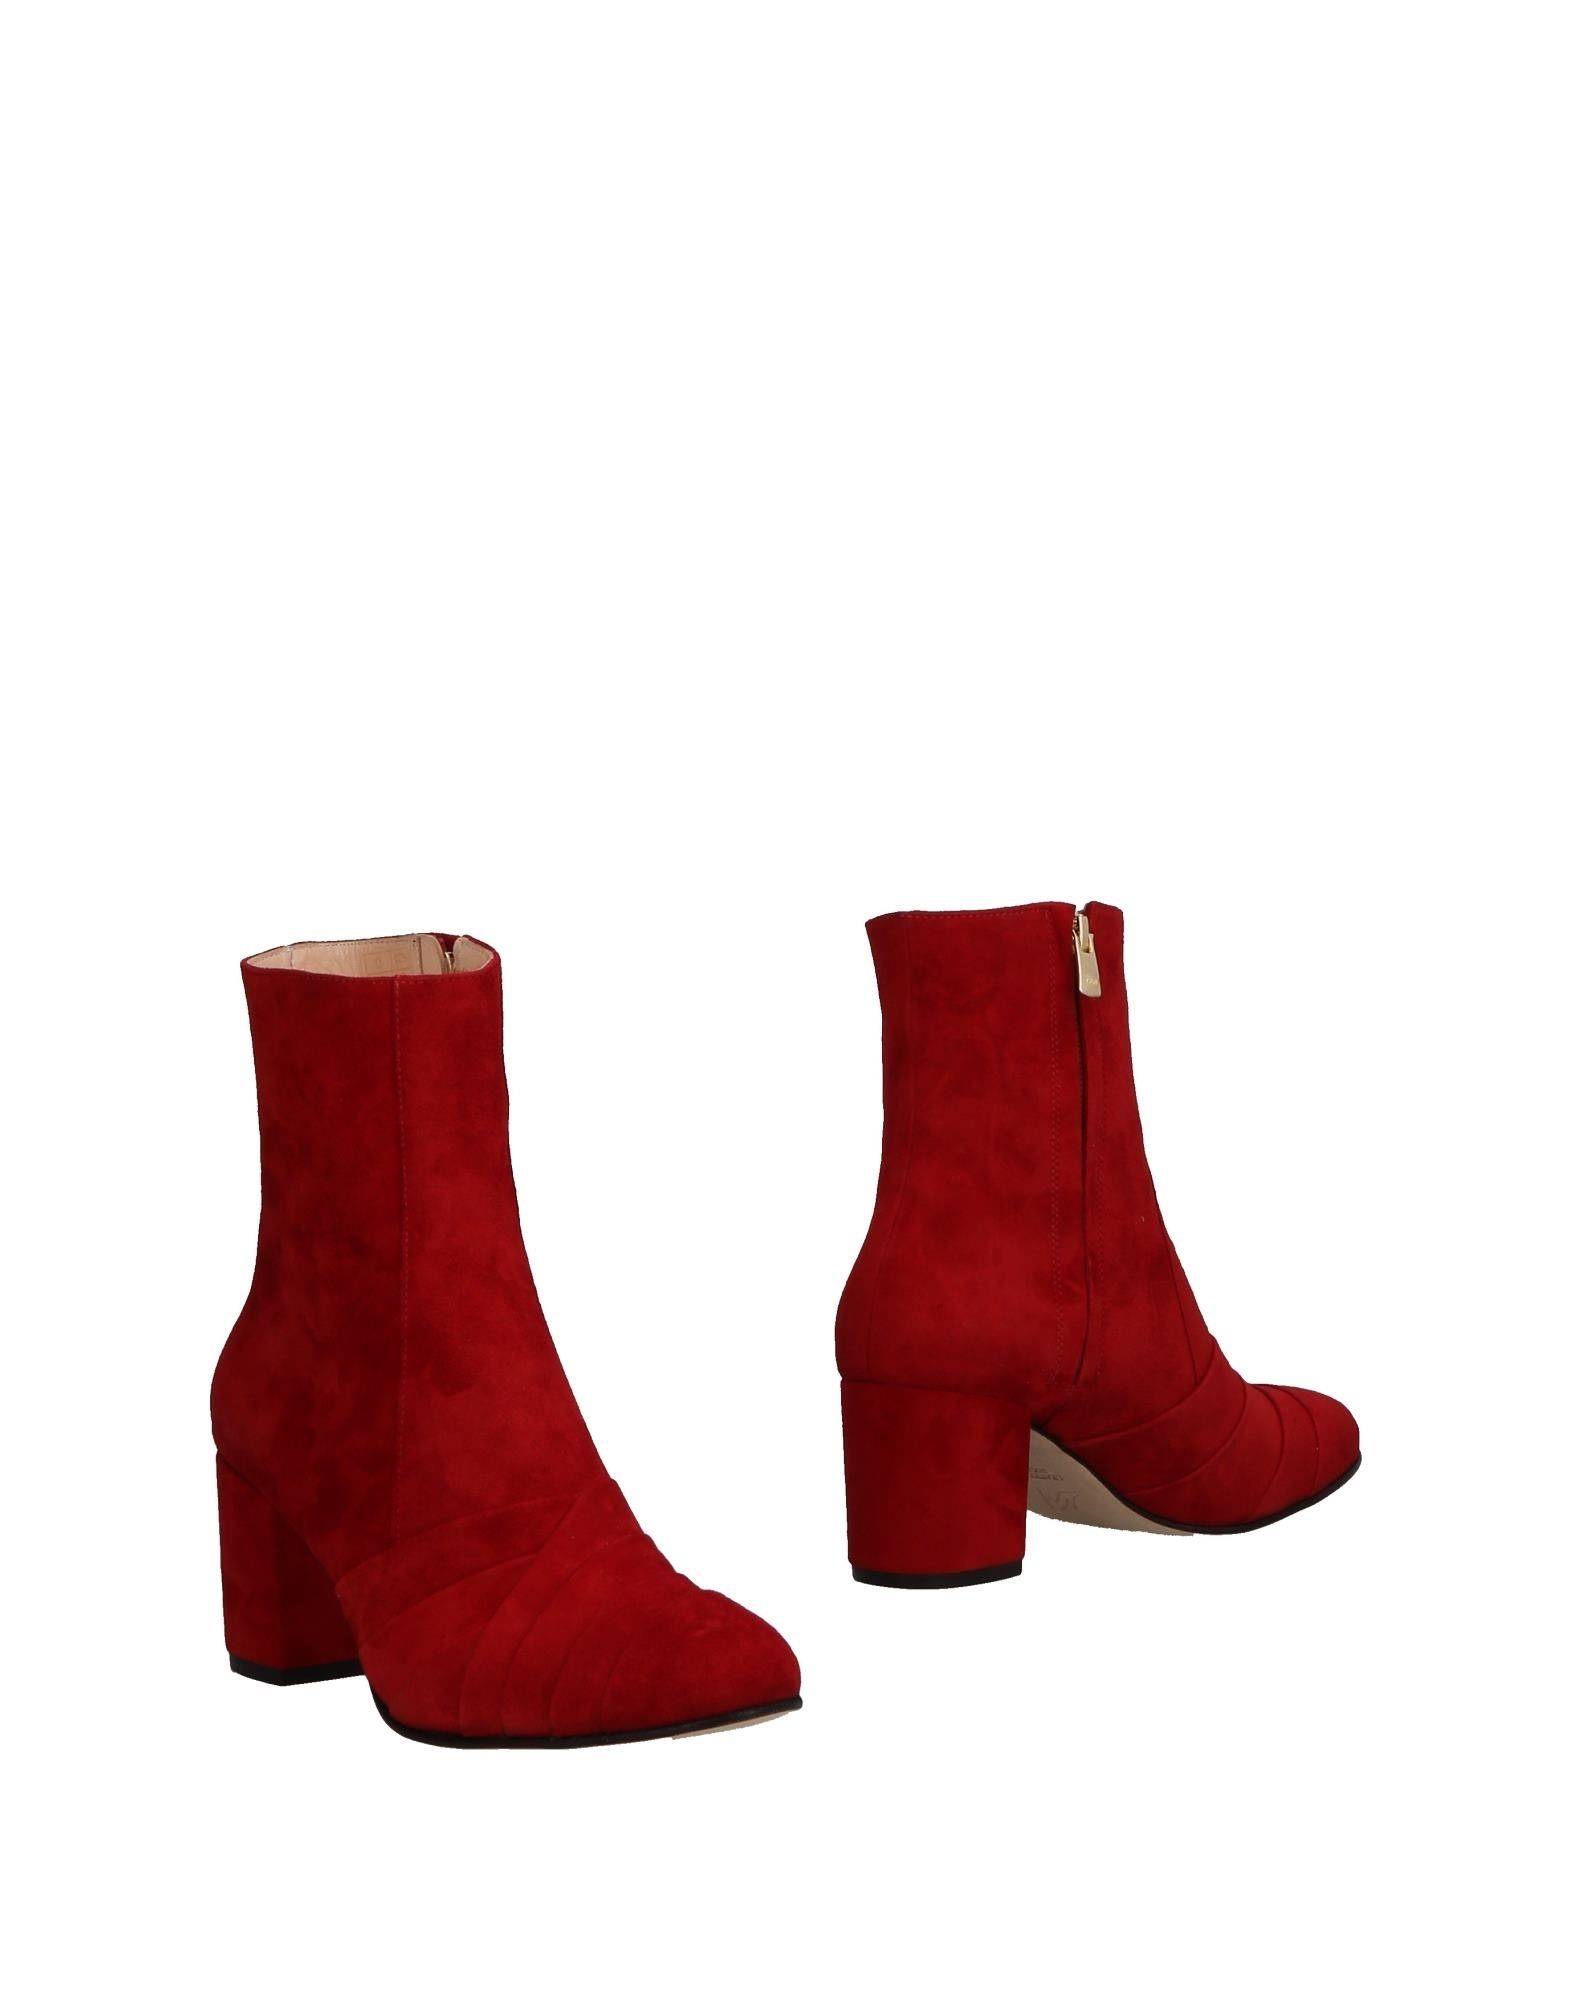 Havva Stiefelette Damen  11504985QJGut aussehende strapazierfähige Schuhe